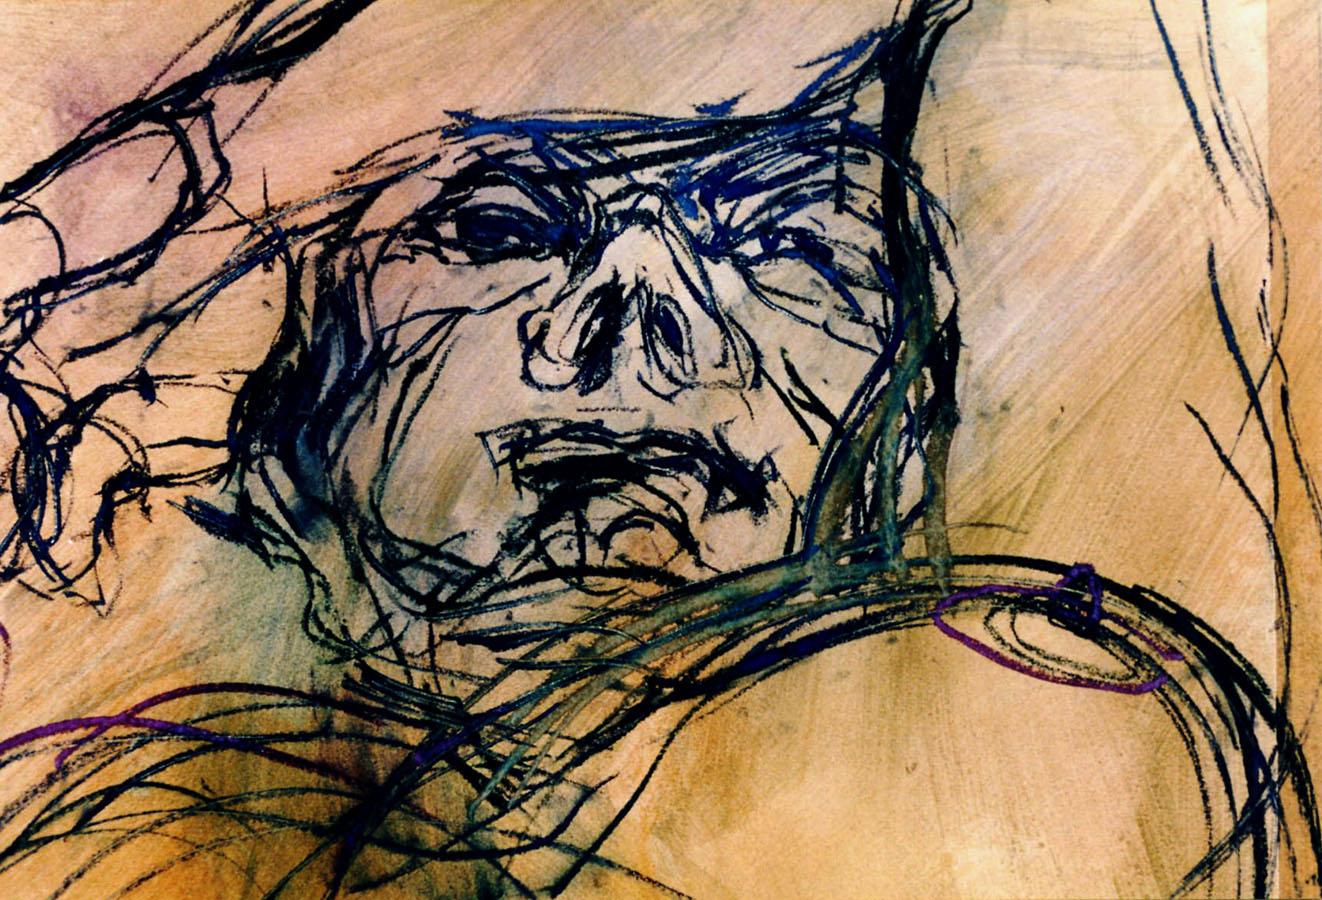 TRACE DE CORPS SUR PORTES JOYEUSES 3 - 1994 - Pastel et acrylique sur papier (54x67) - © Palombit